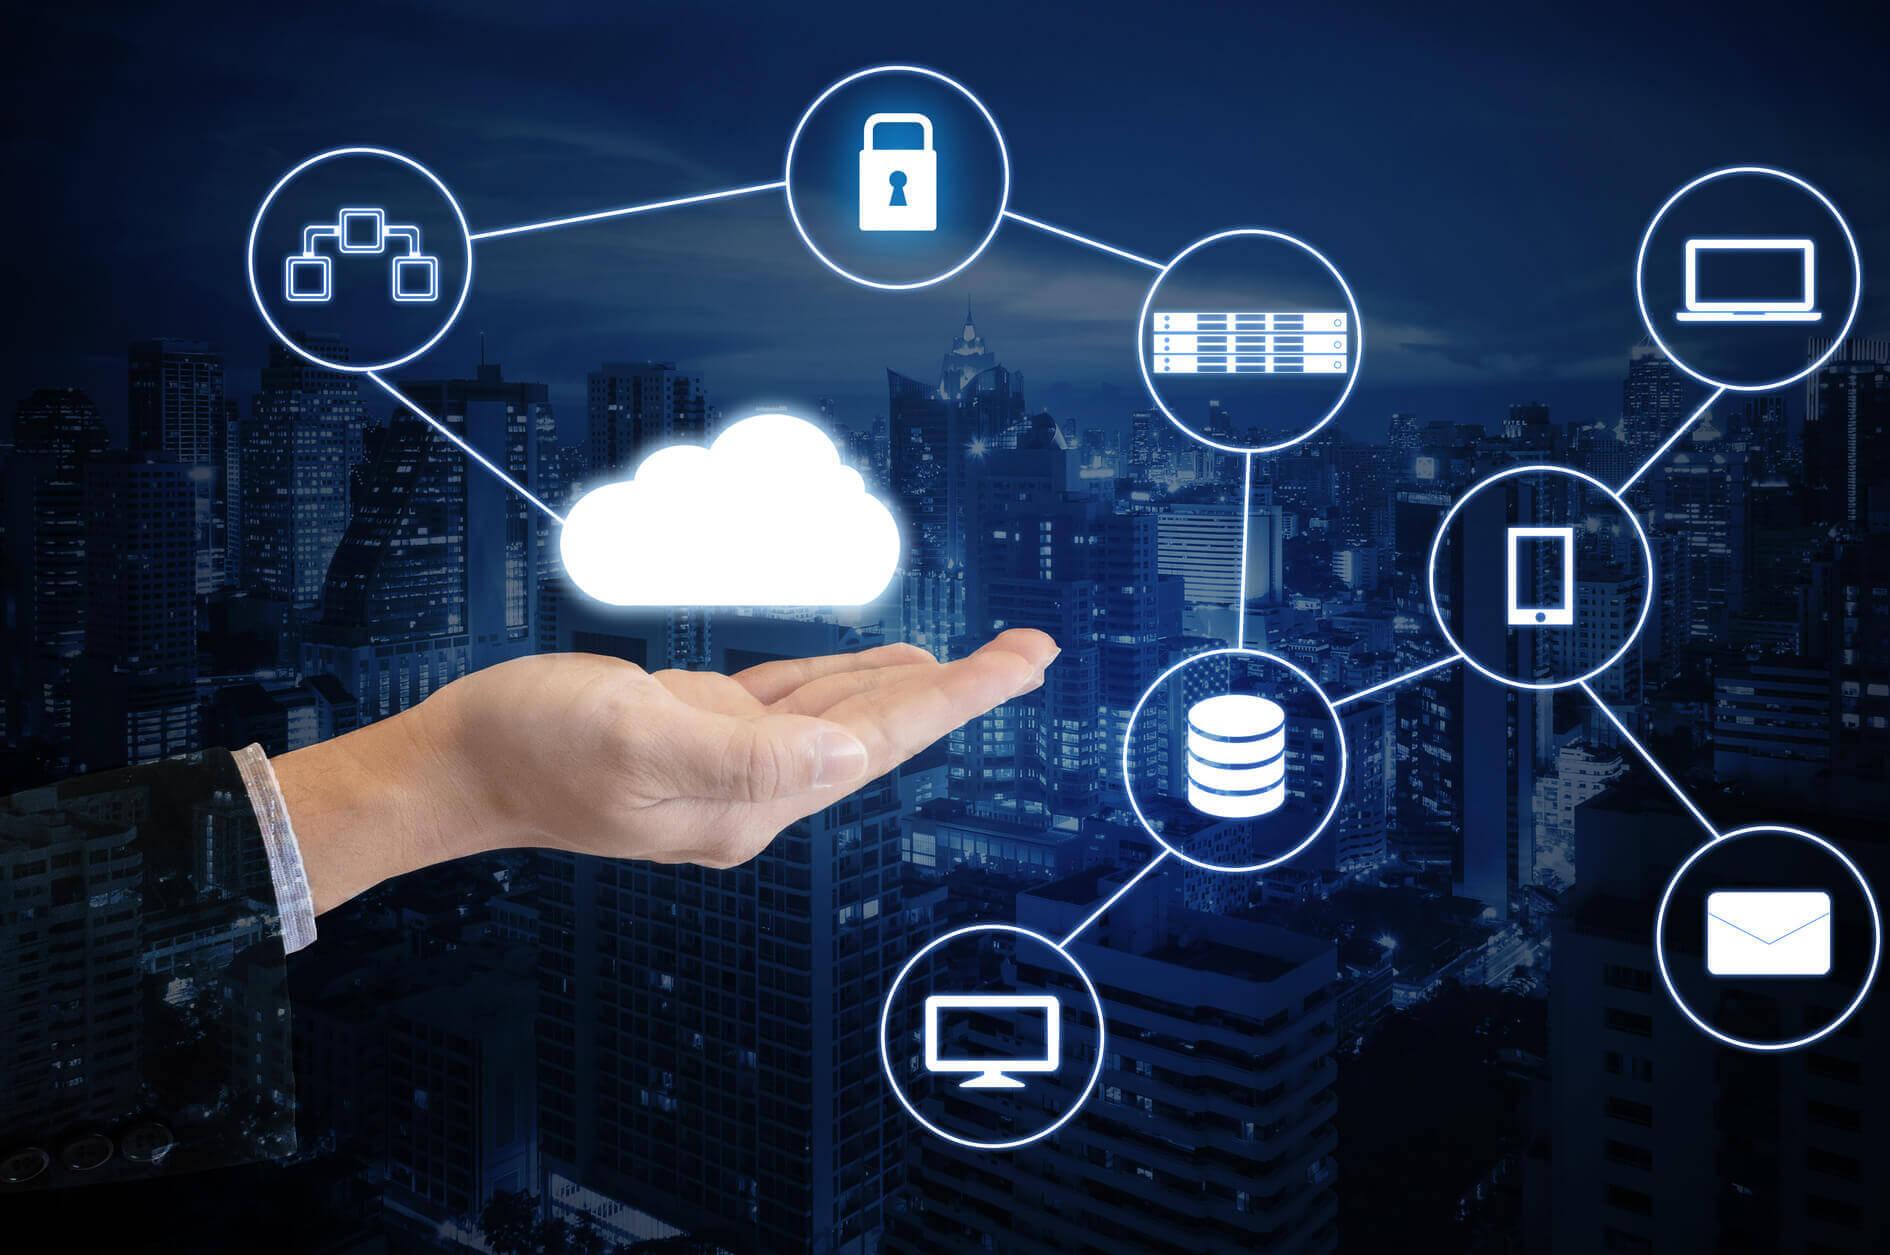 経営者として知っておきたいクラウドプラットフォーム(AWS、Microsoft Azure、Google Cloud、Oracle Cloud、IBM Cloud)